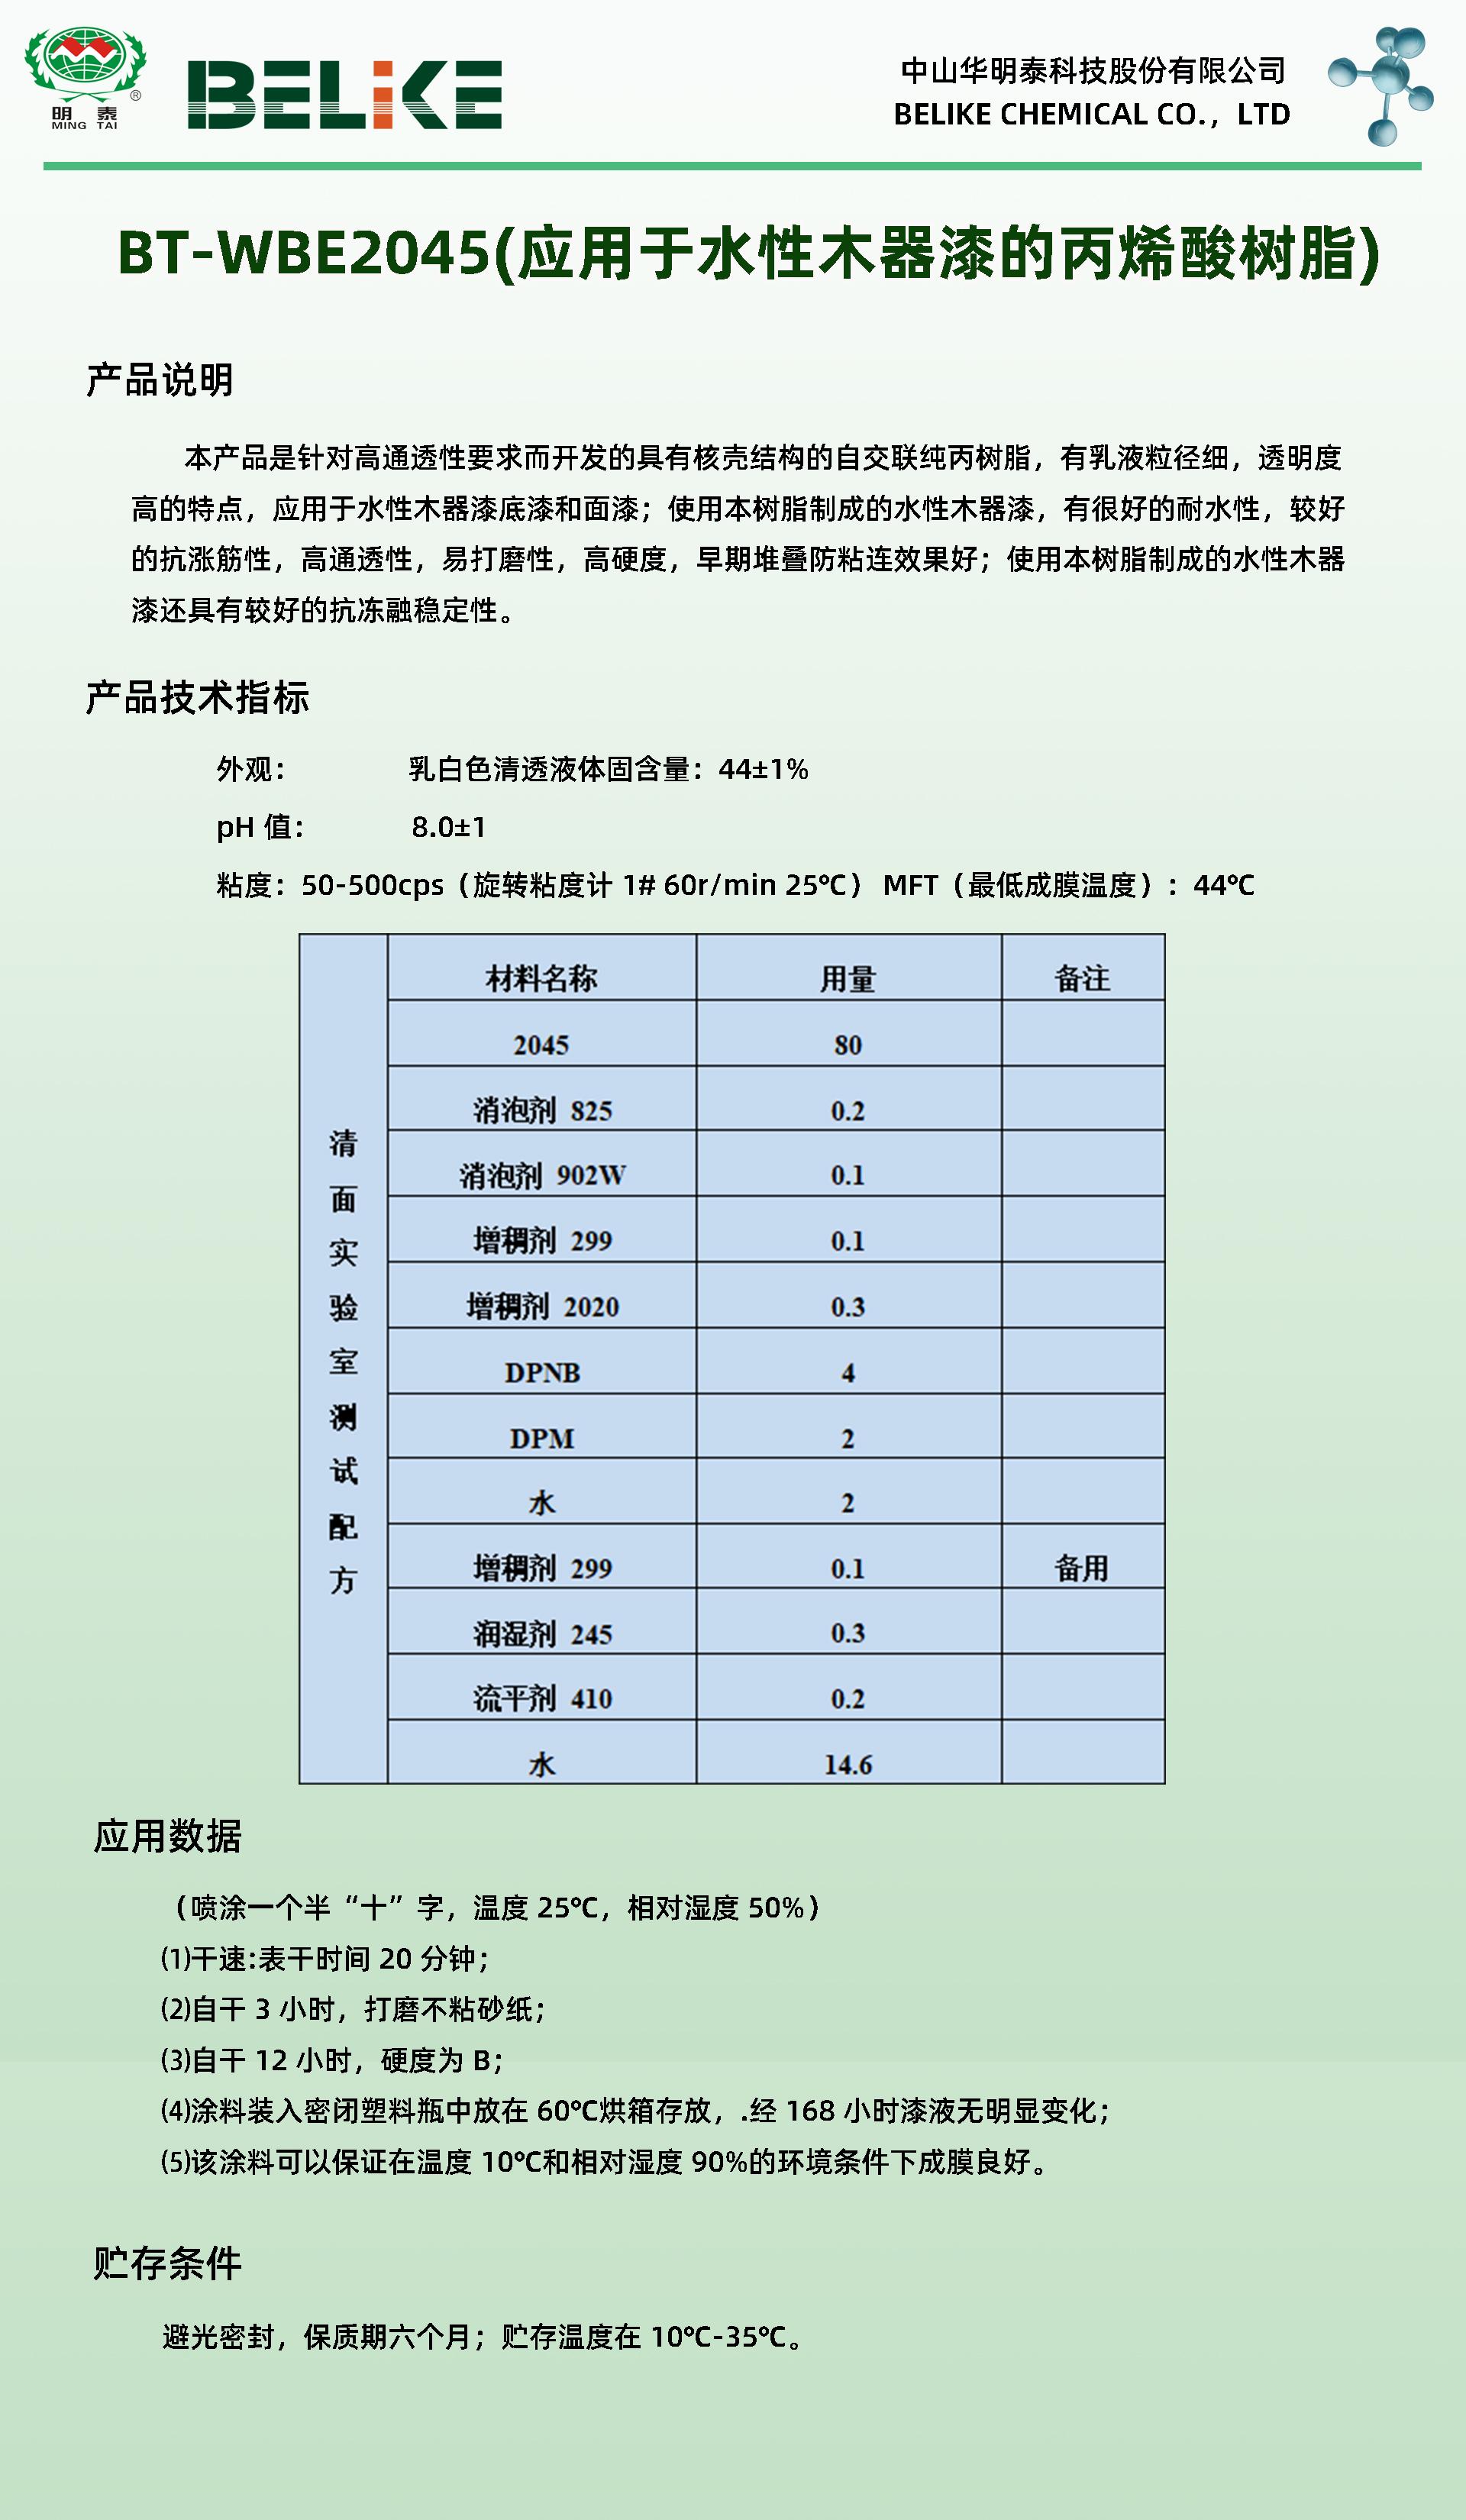 寰俊鍥剧墖_20201127103153.jpg